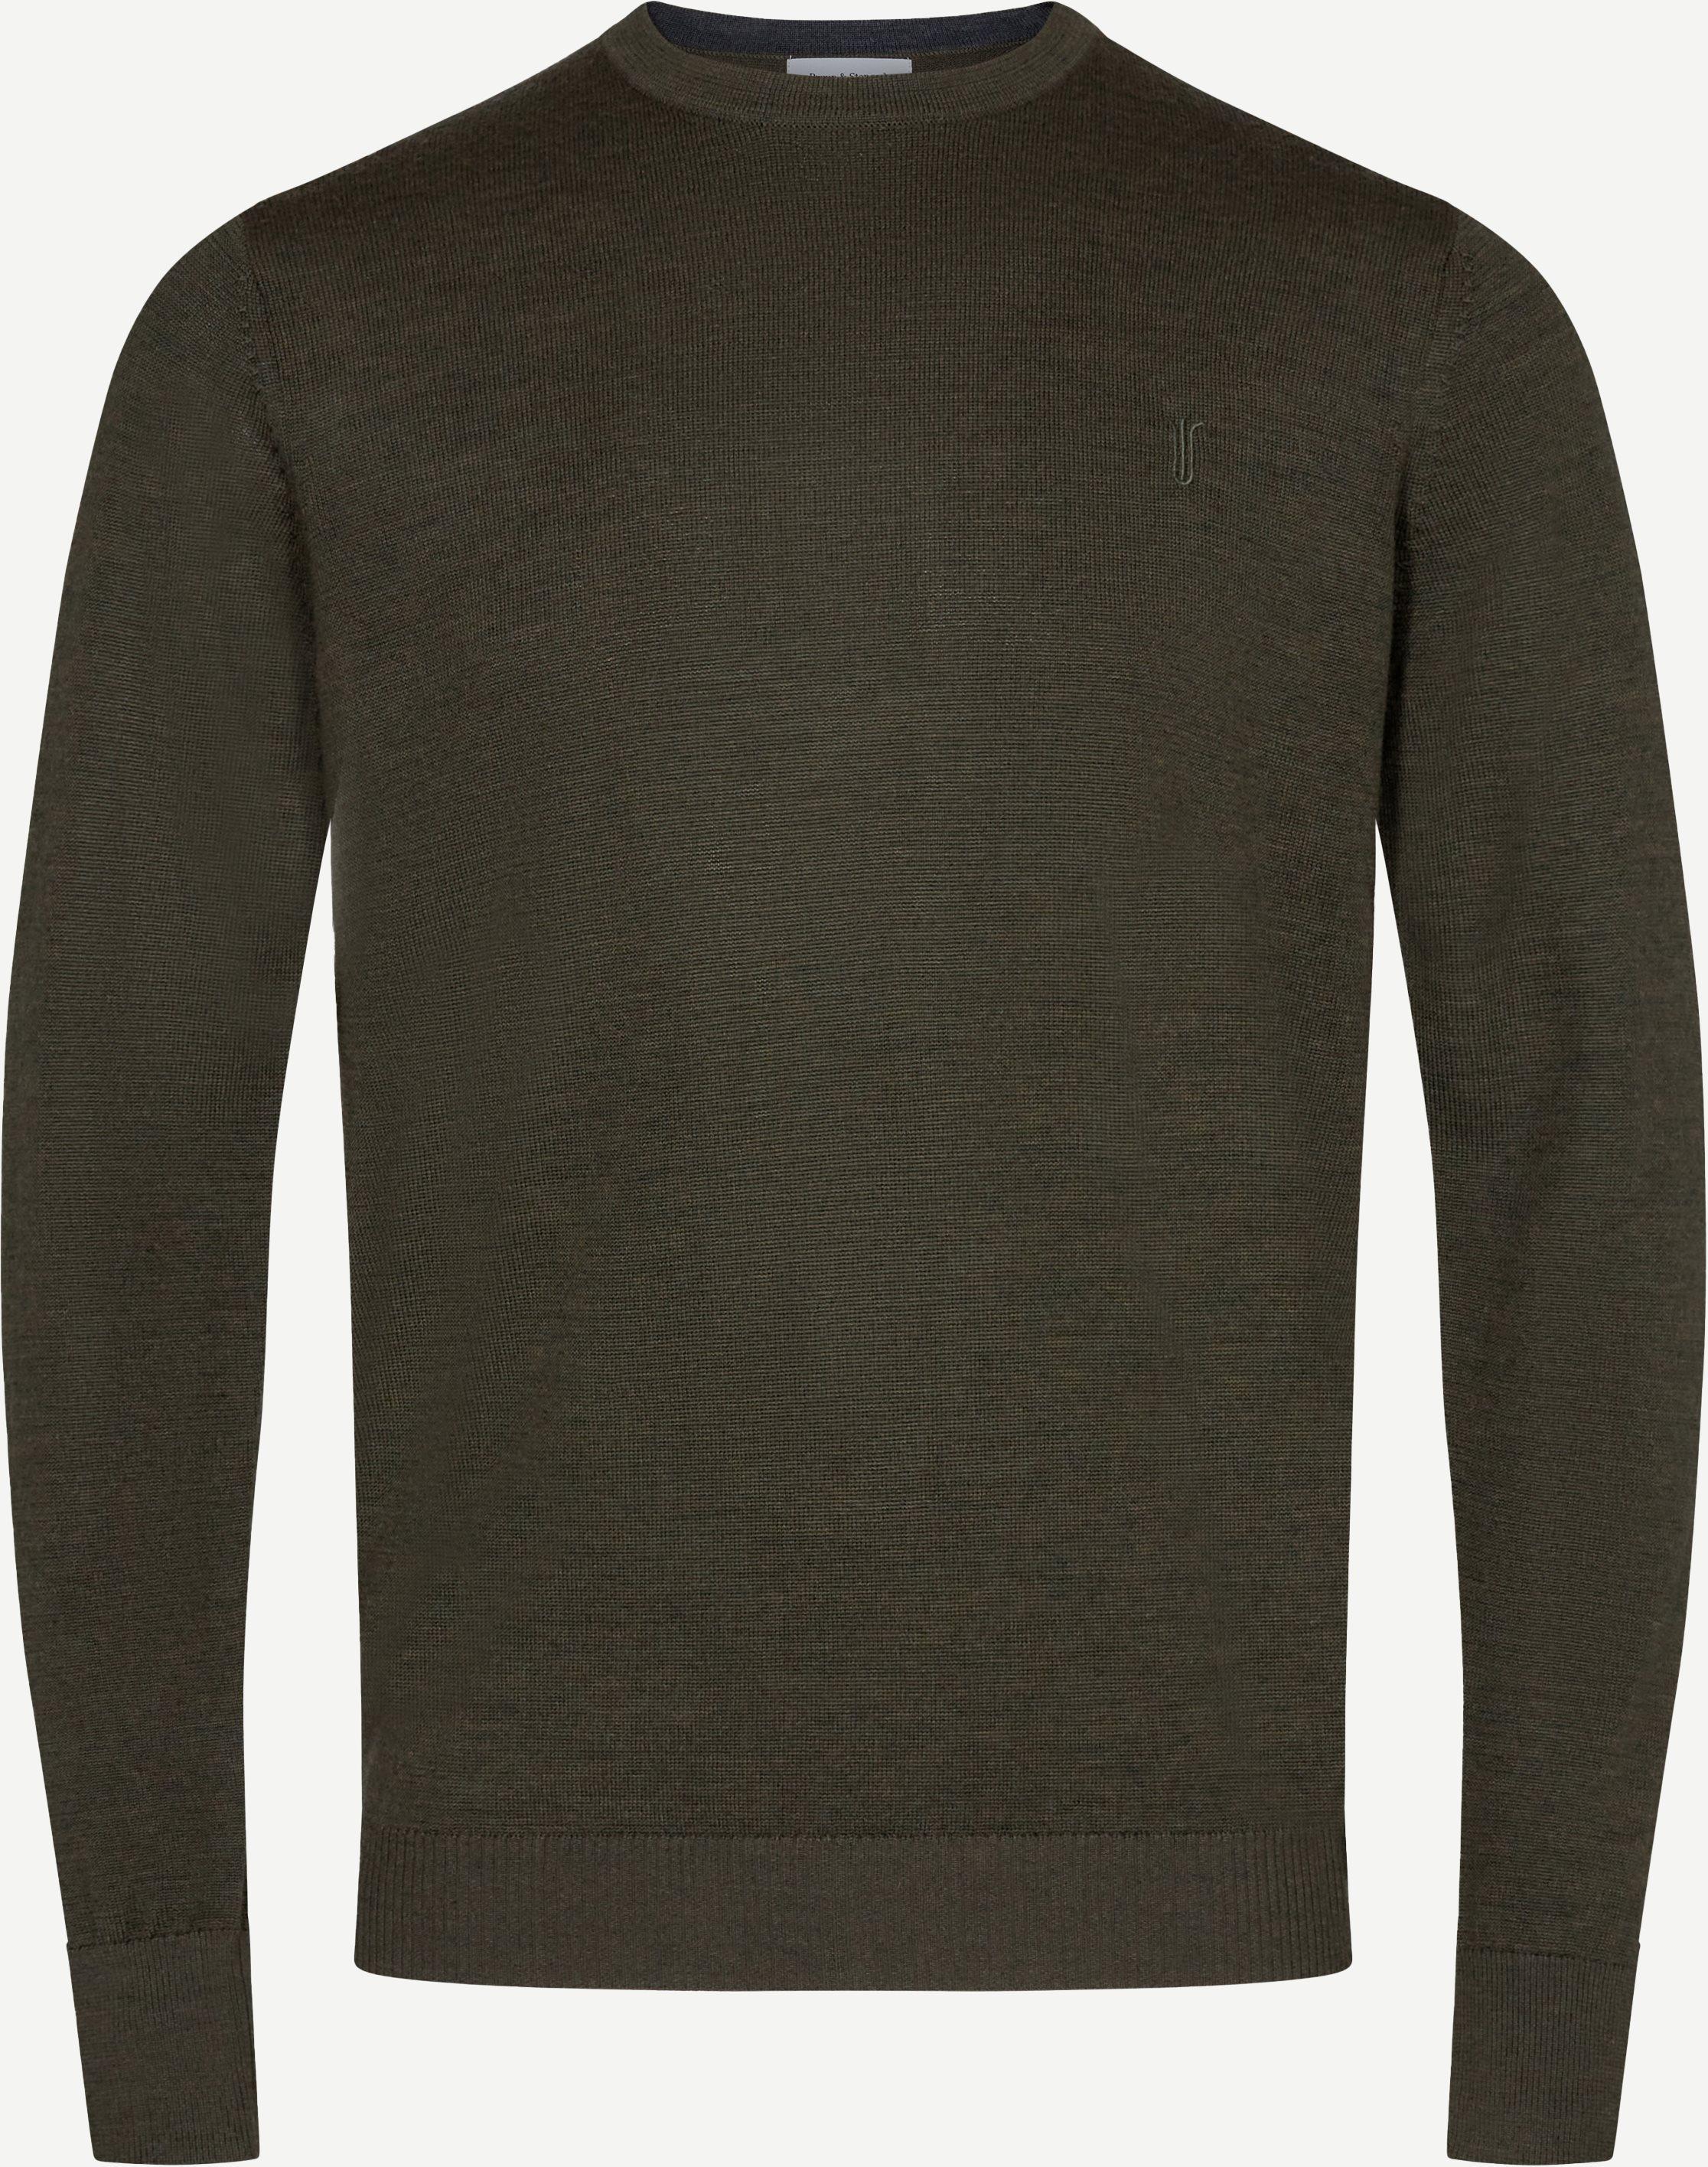 Knitwear - Green